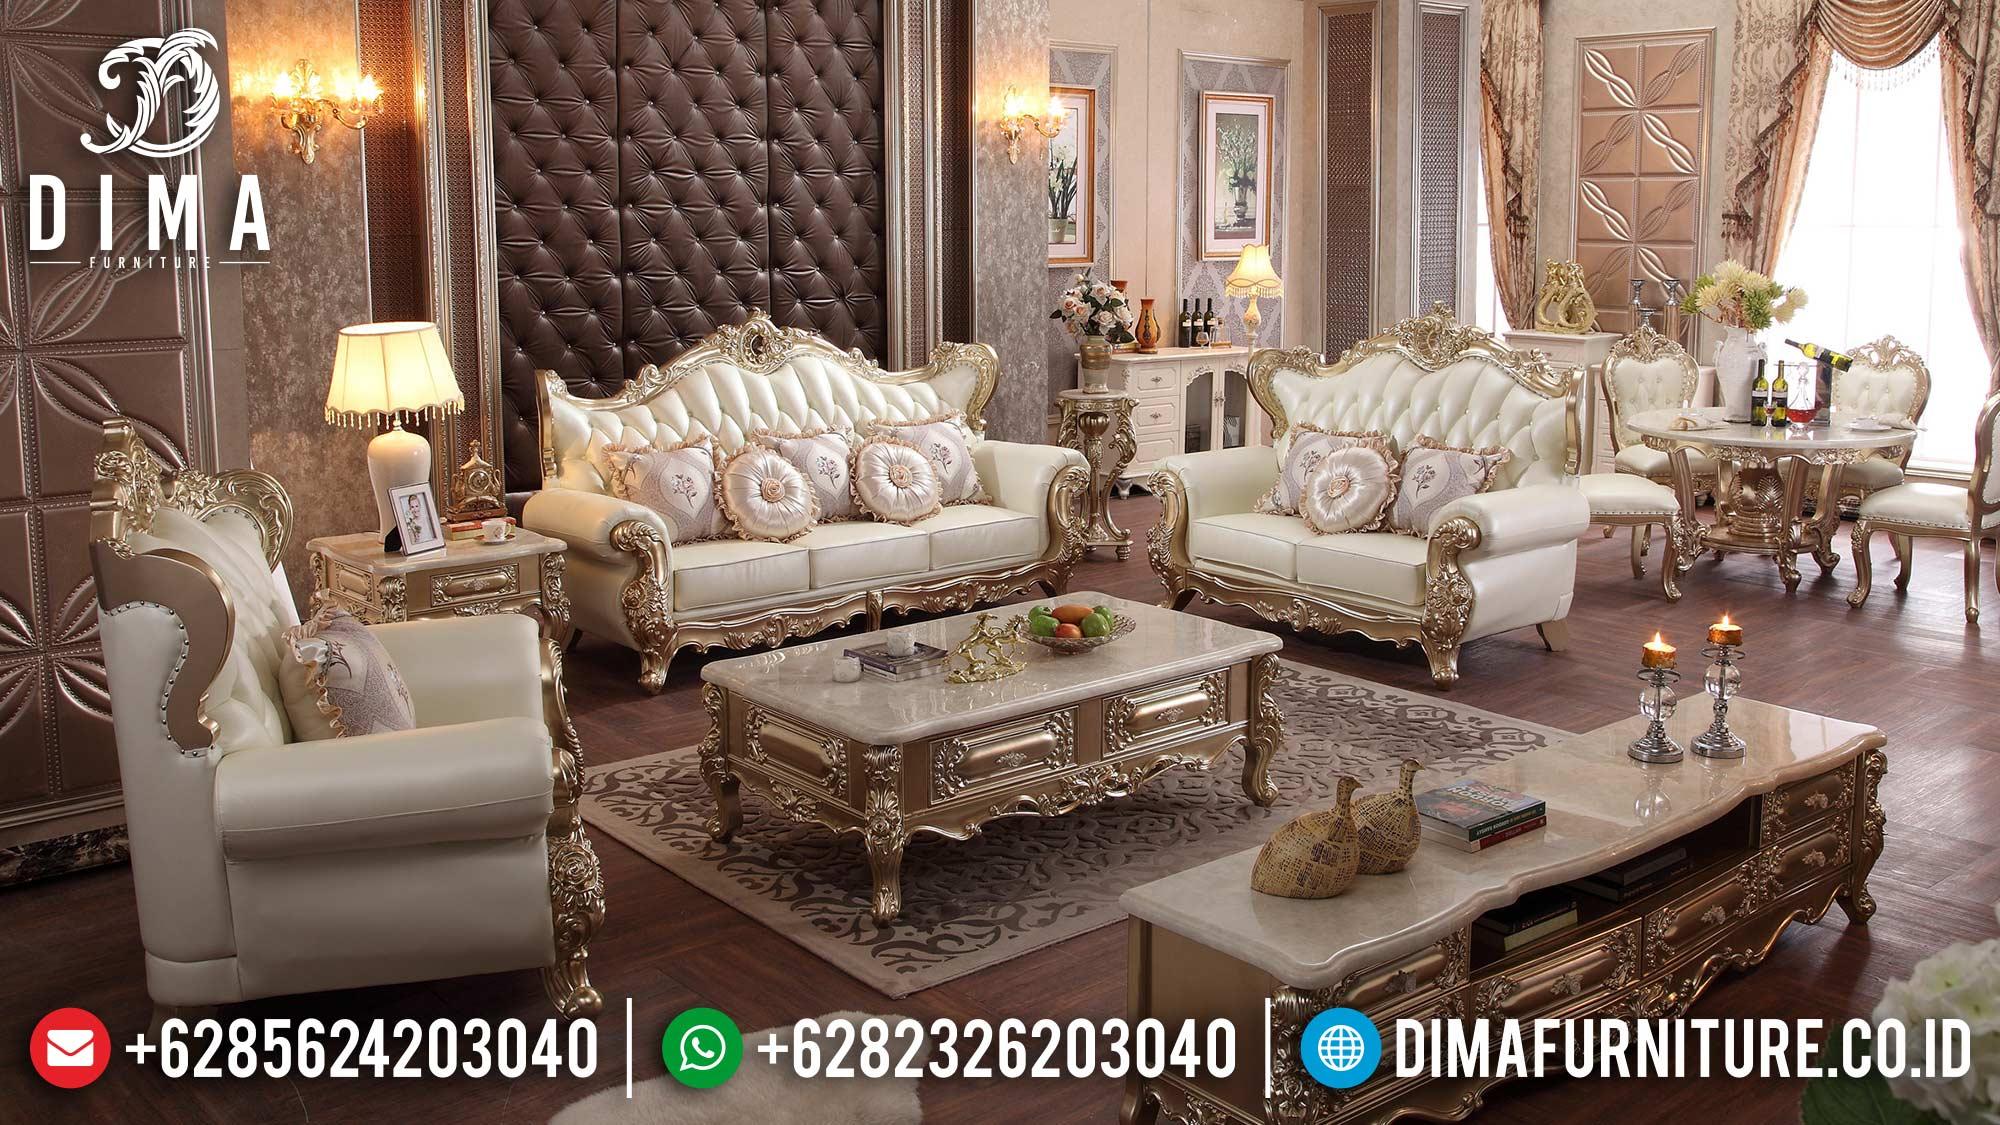 Great Sofa Tamu Mewah Terbaru Art Duco Color Ukiran Luxury Jepara ST-1352